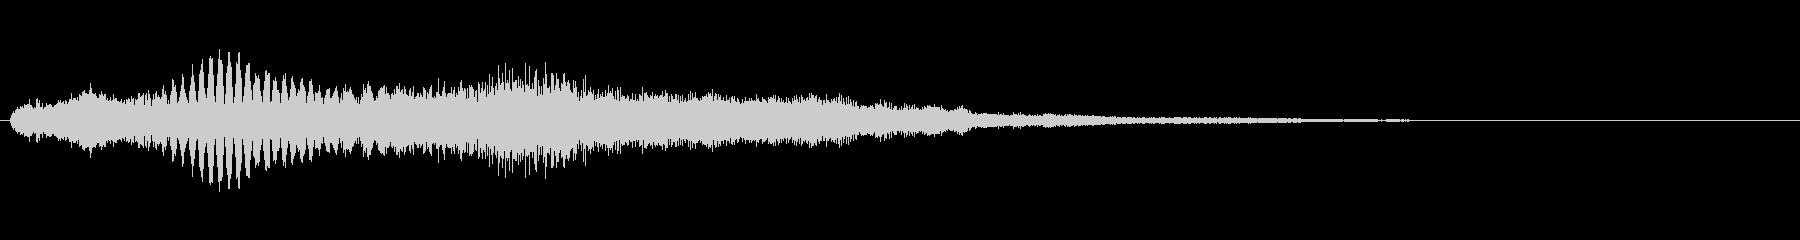 アイテム獲得やクイズで正解時の音の未再生の波形